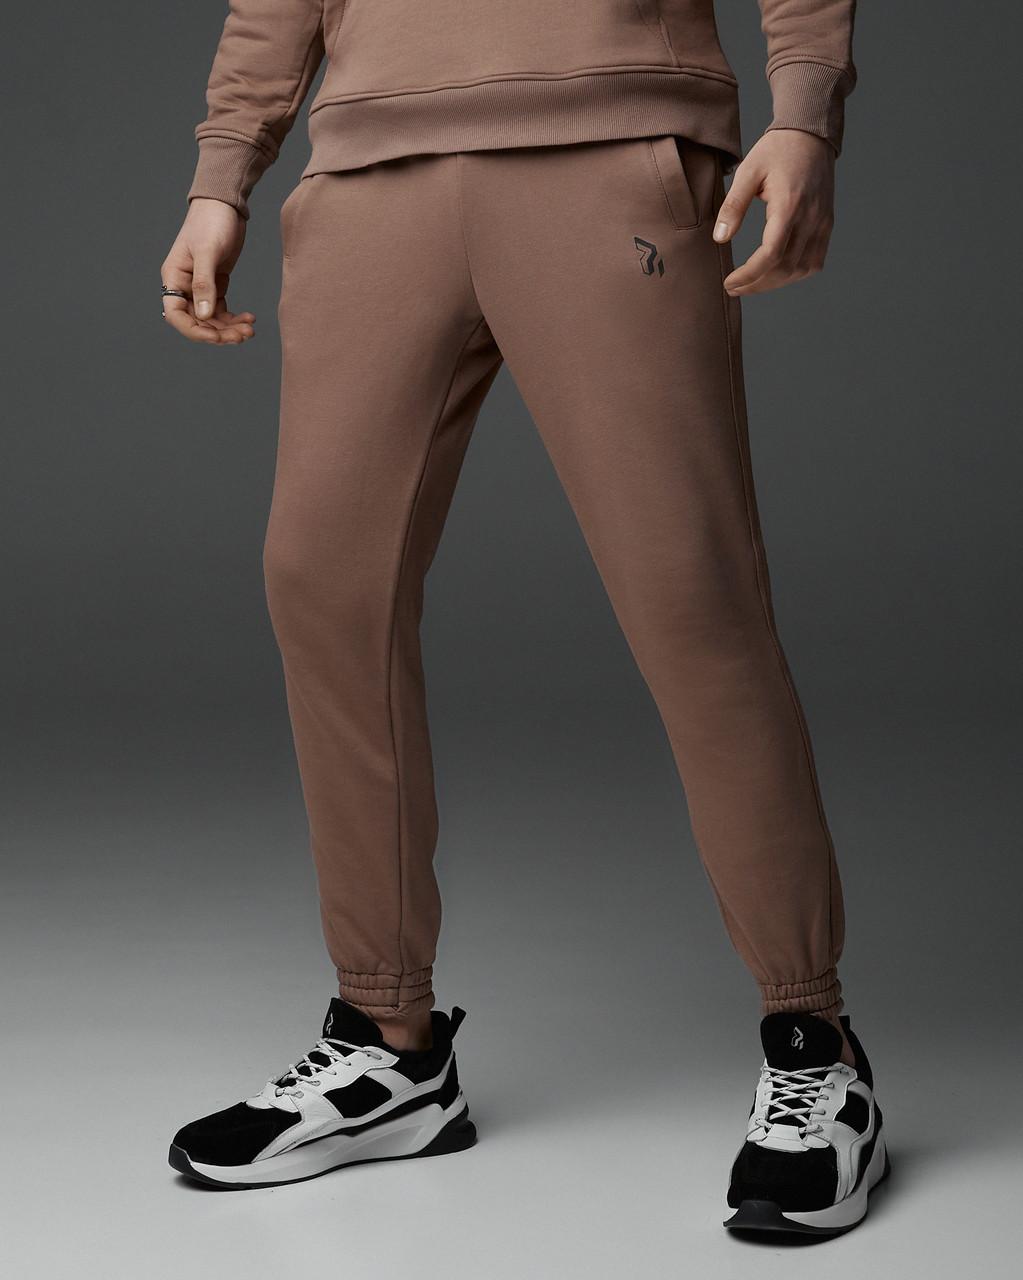 Спортивные штаны Пушка Огонь Jog 2.0 Капучино